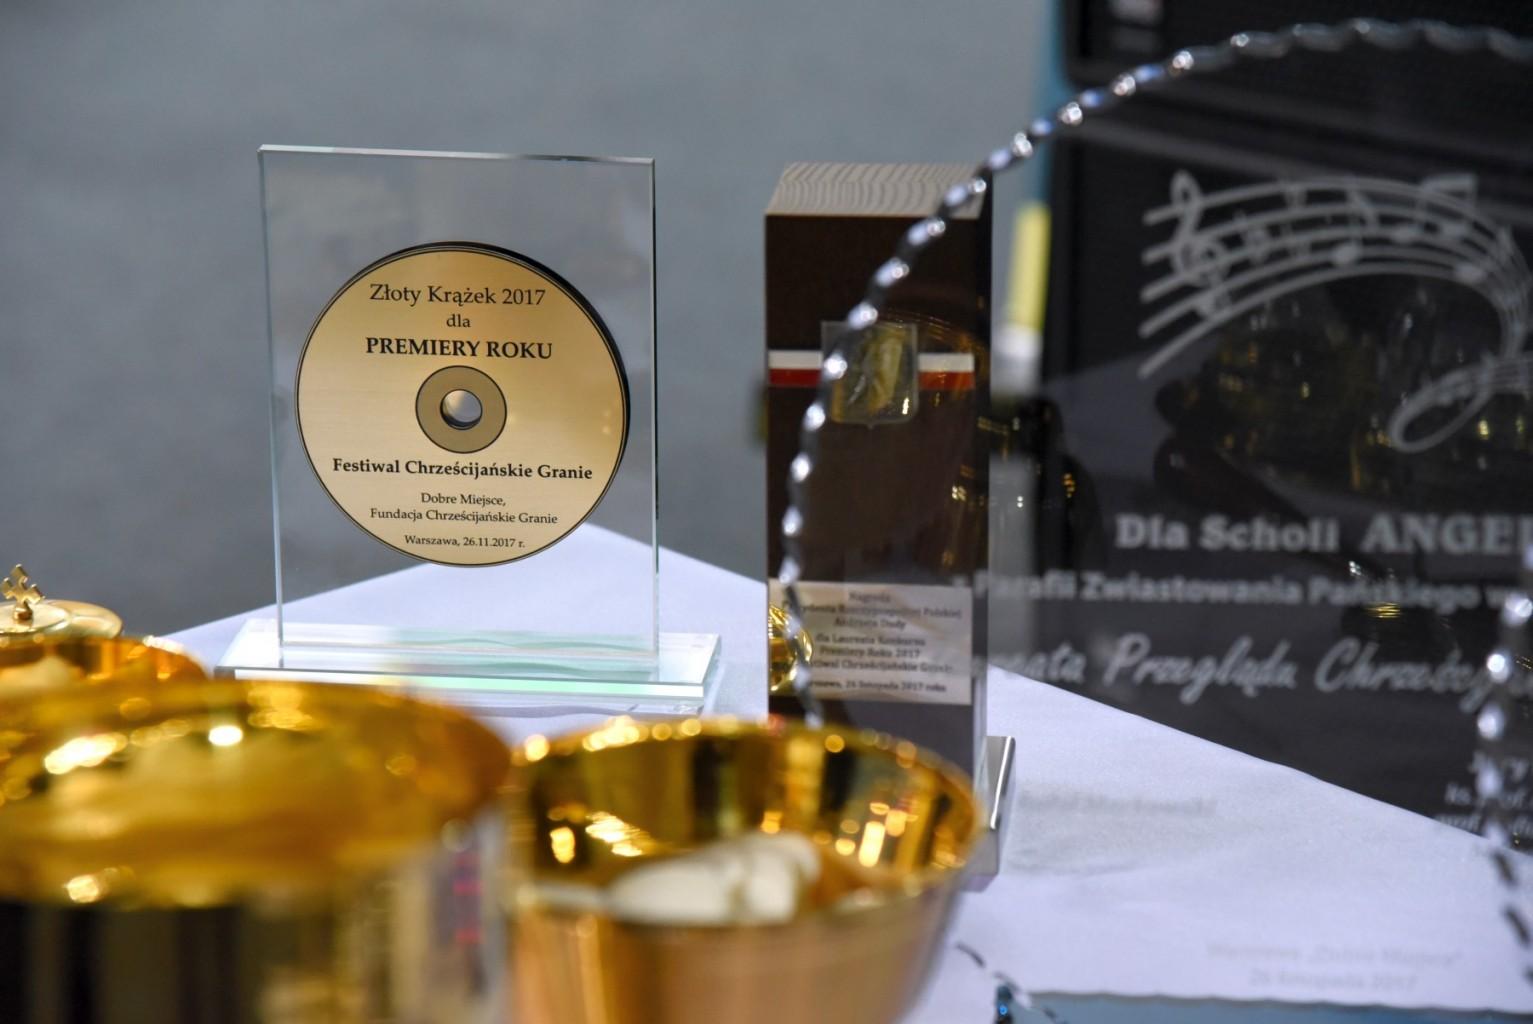 Festiwal Chrześcijańskie Granie - nagrody